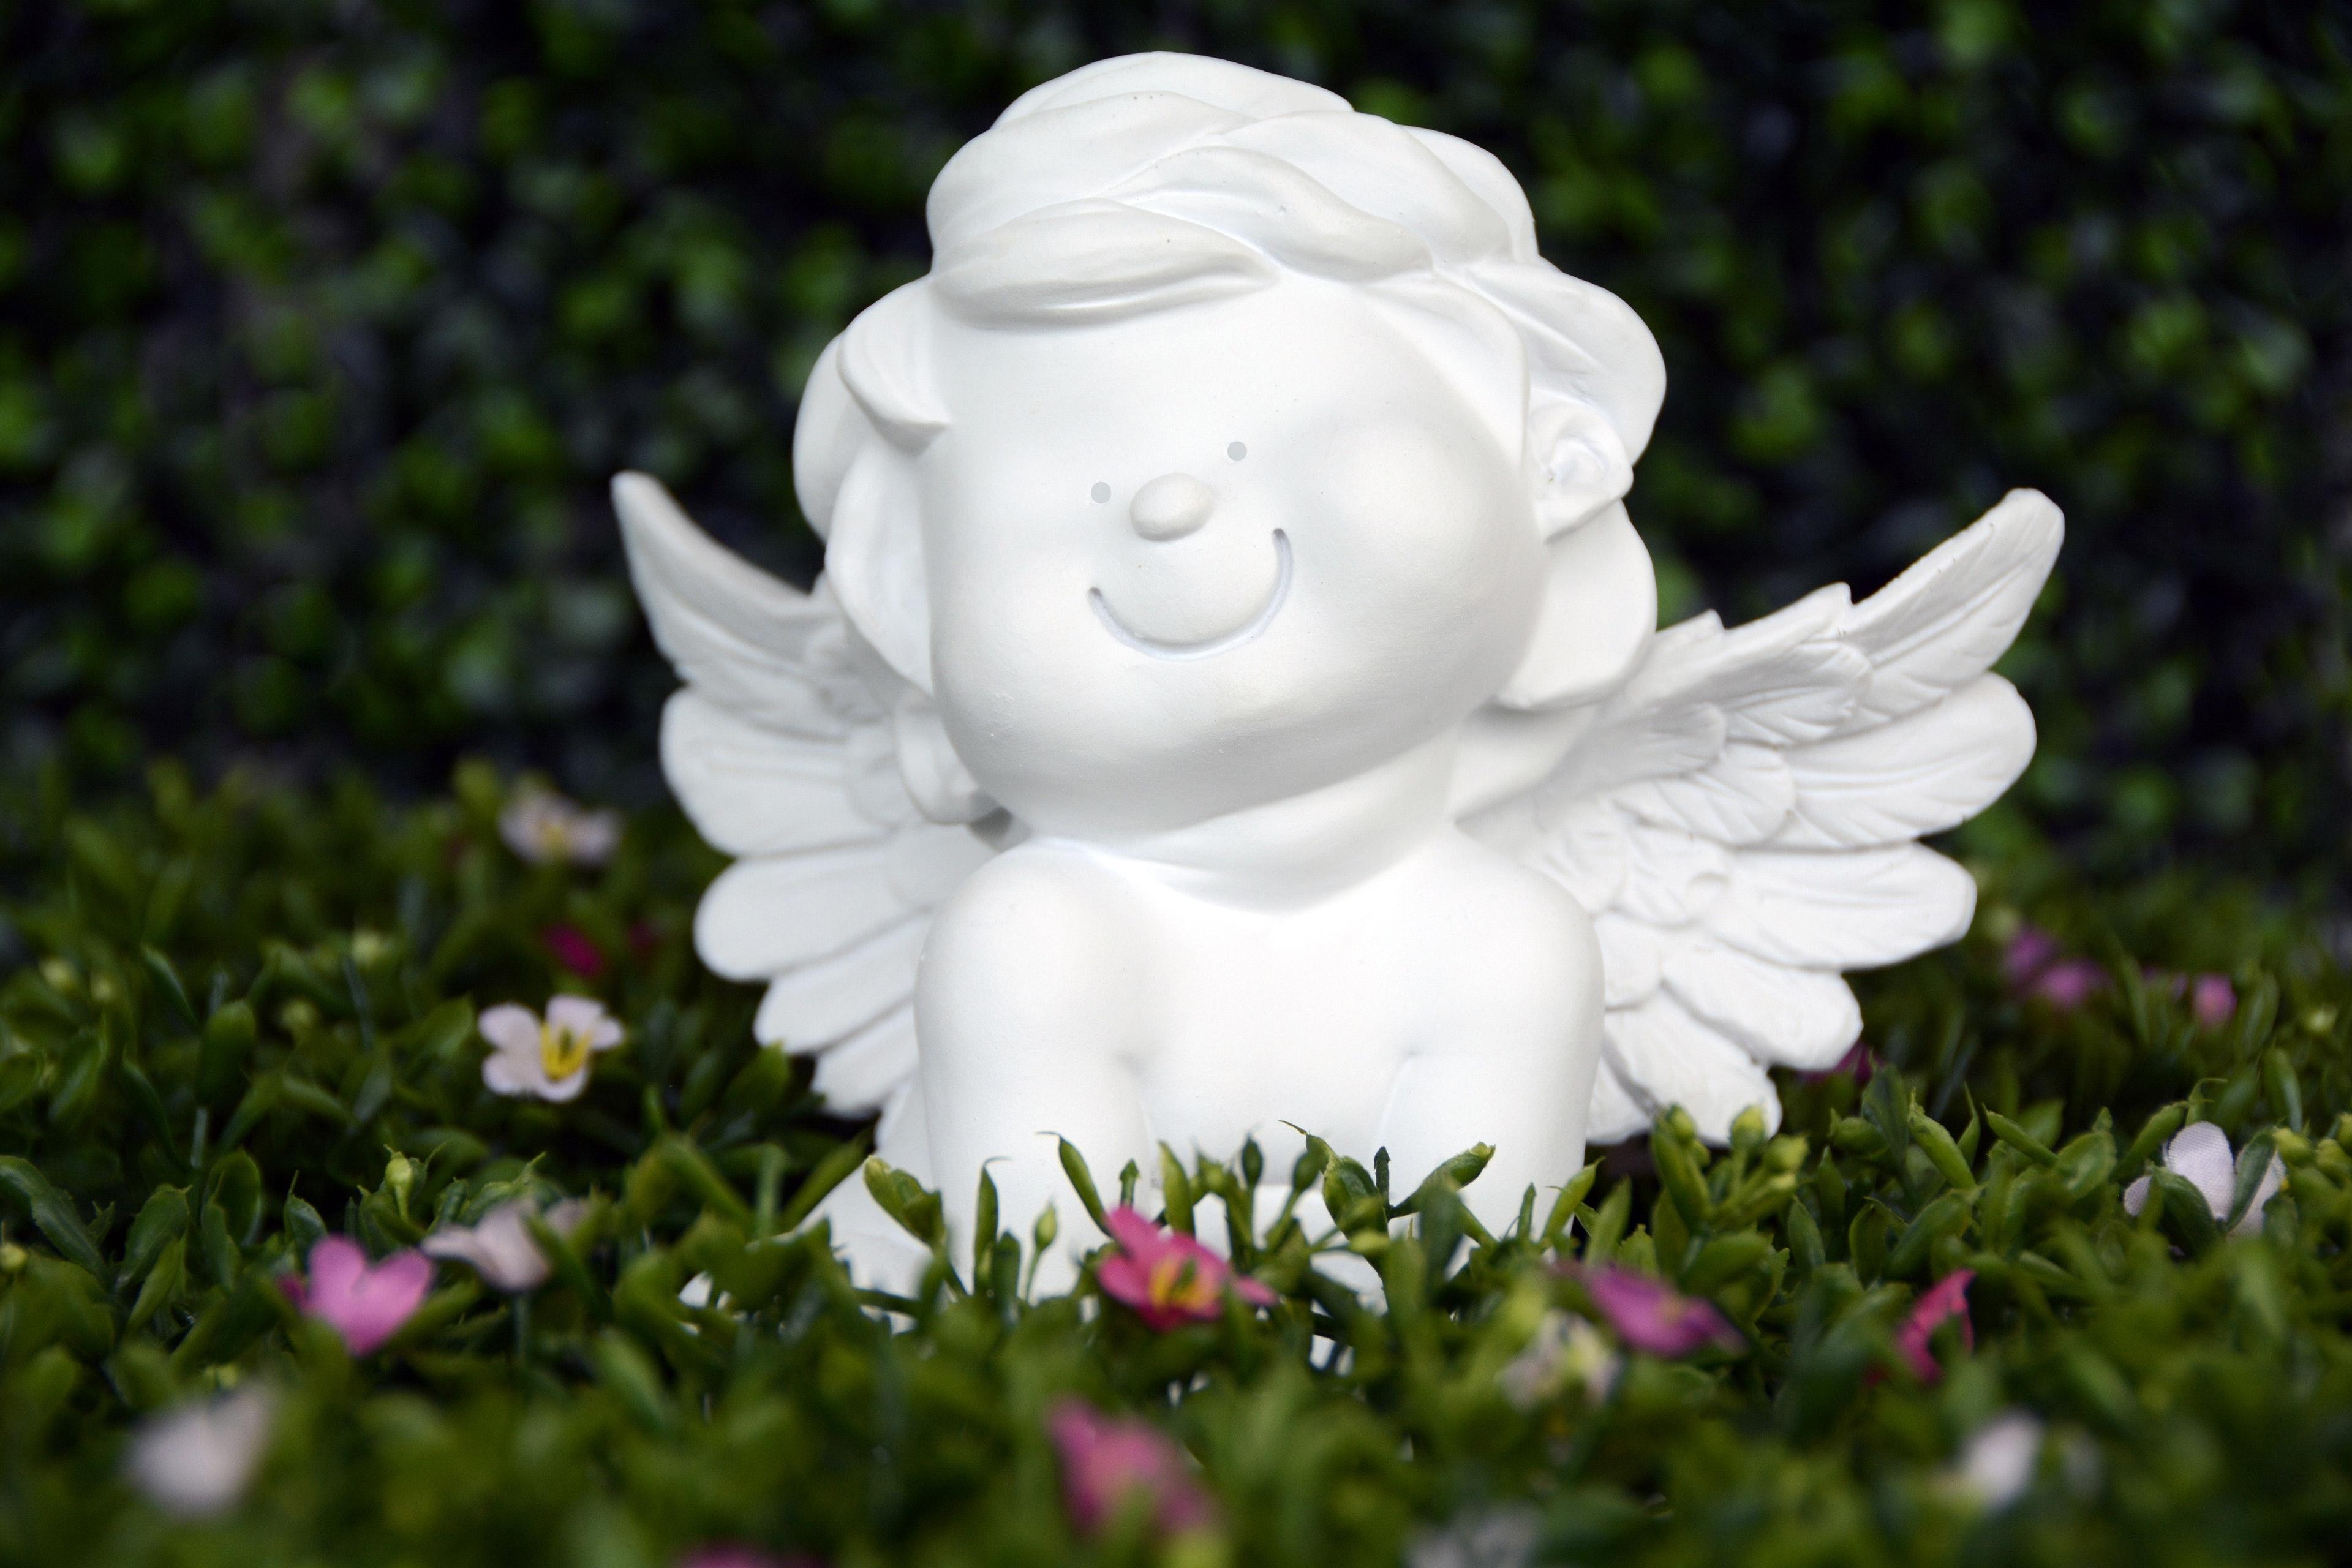 angel-cute-decoration-160782.jpg